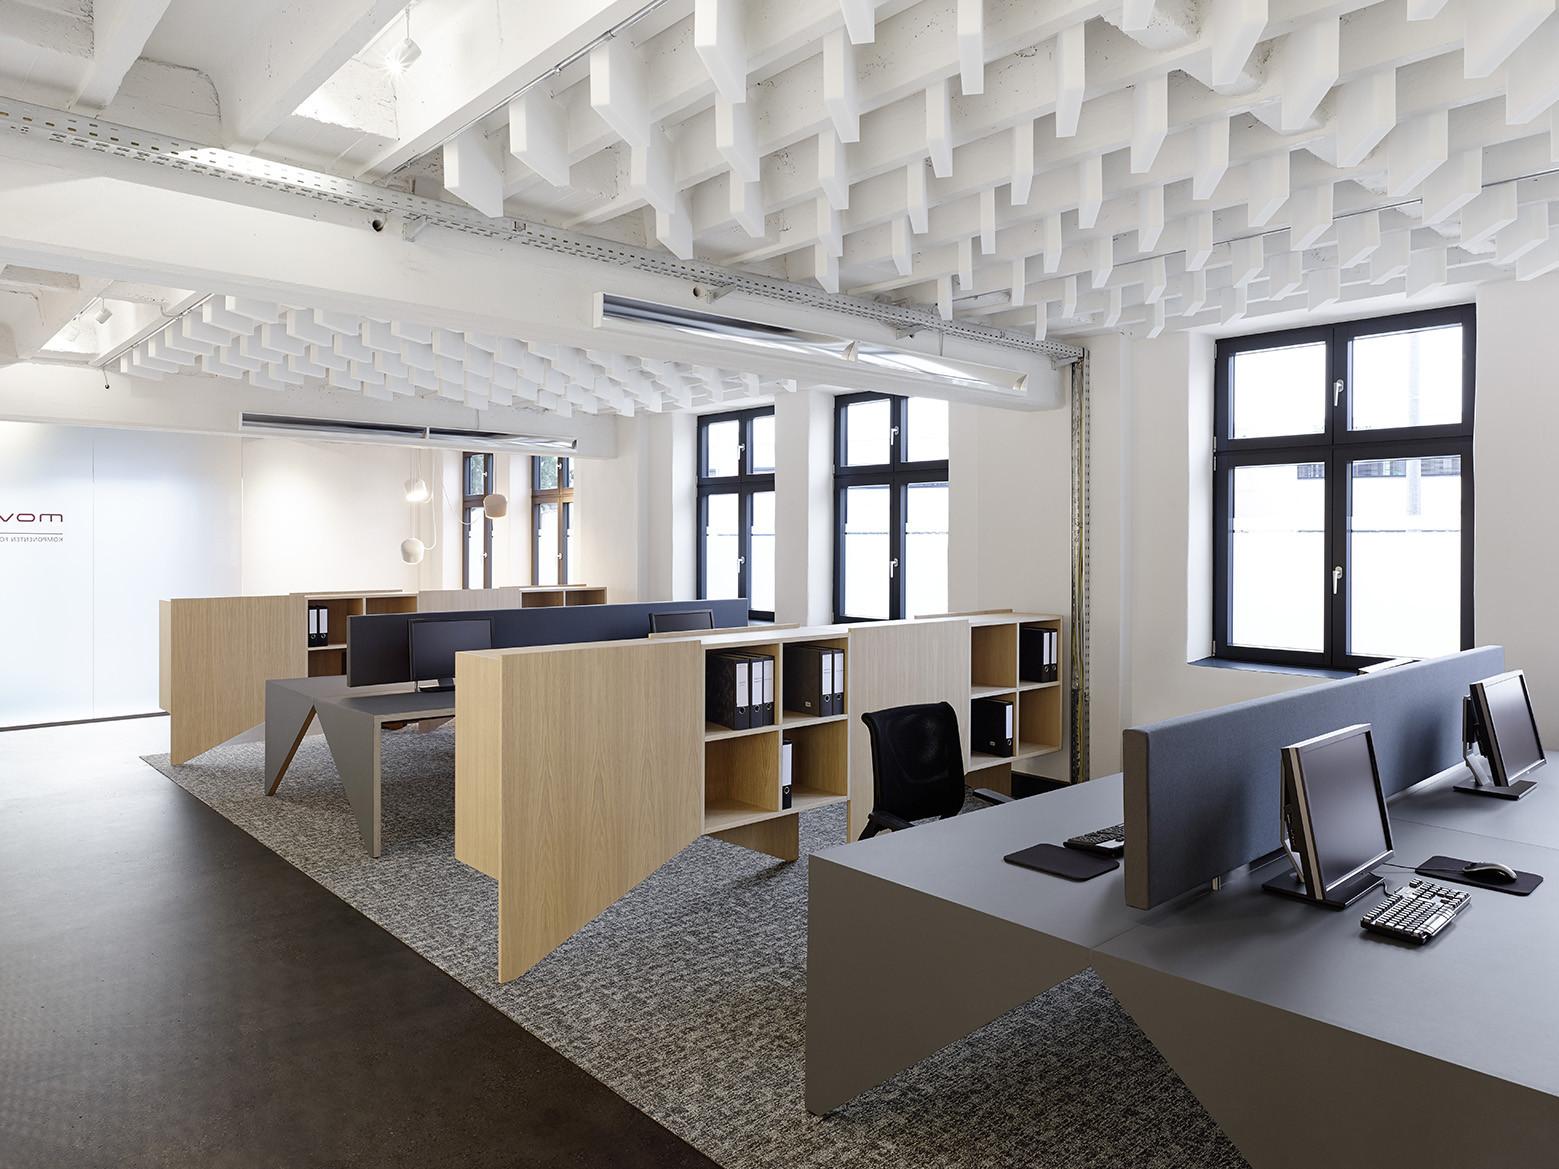 Мебель в стиле модерн прекрасно дополнит минималистичный лофт офис